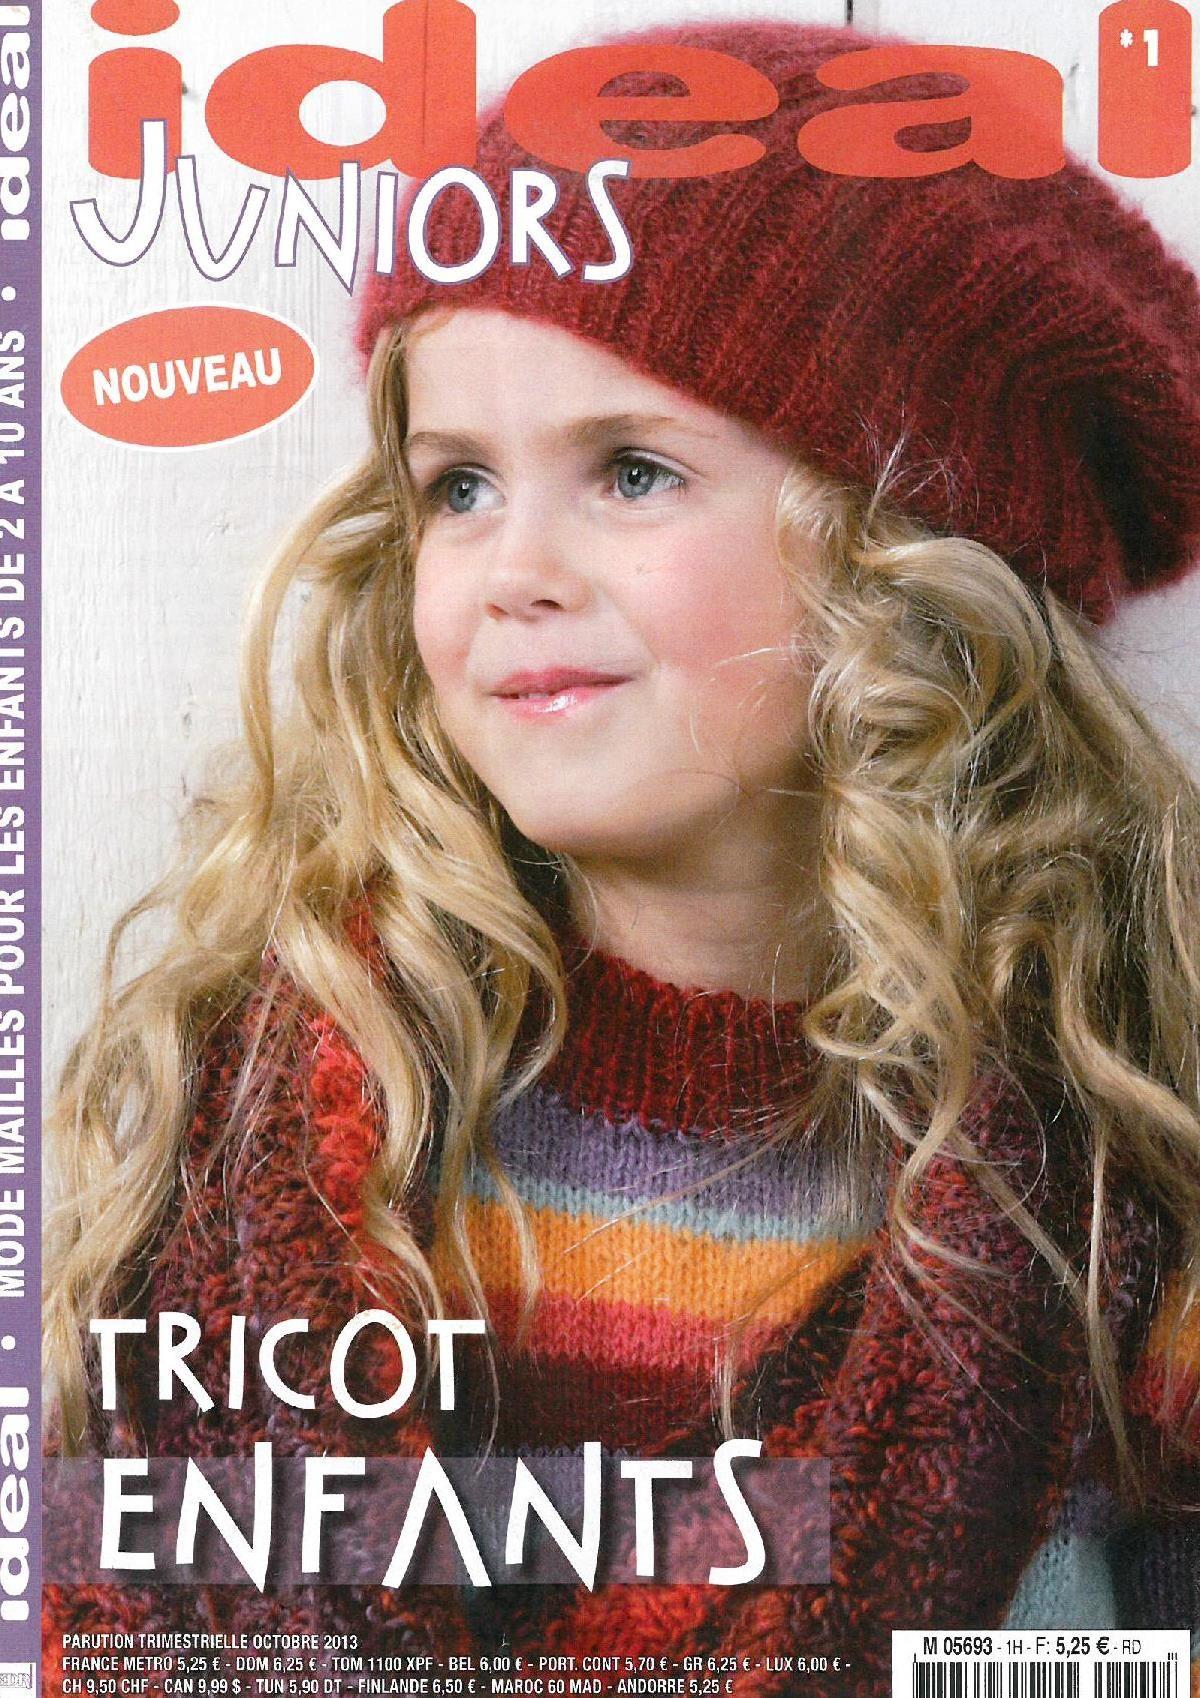 Photo     baby   Pinterest   Tricot enfant, Tricot et Catalogue 6ecd303ded6